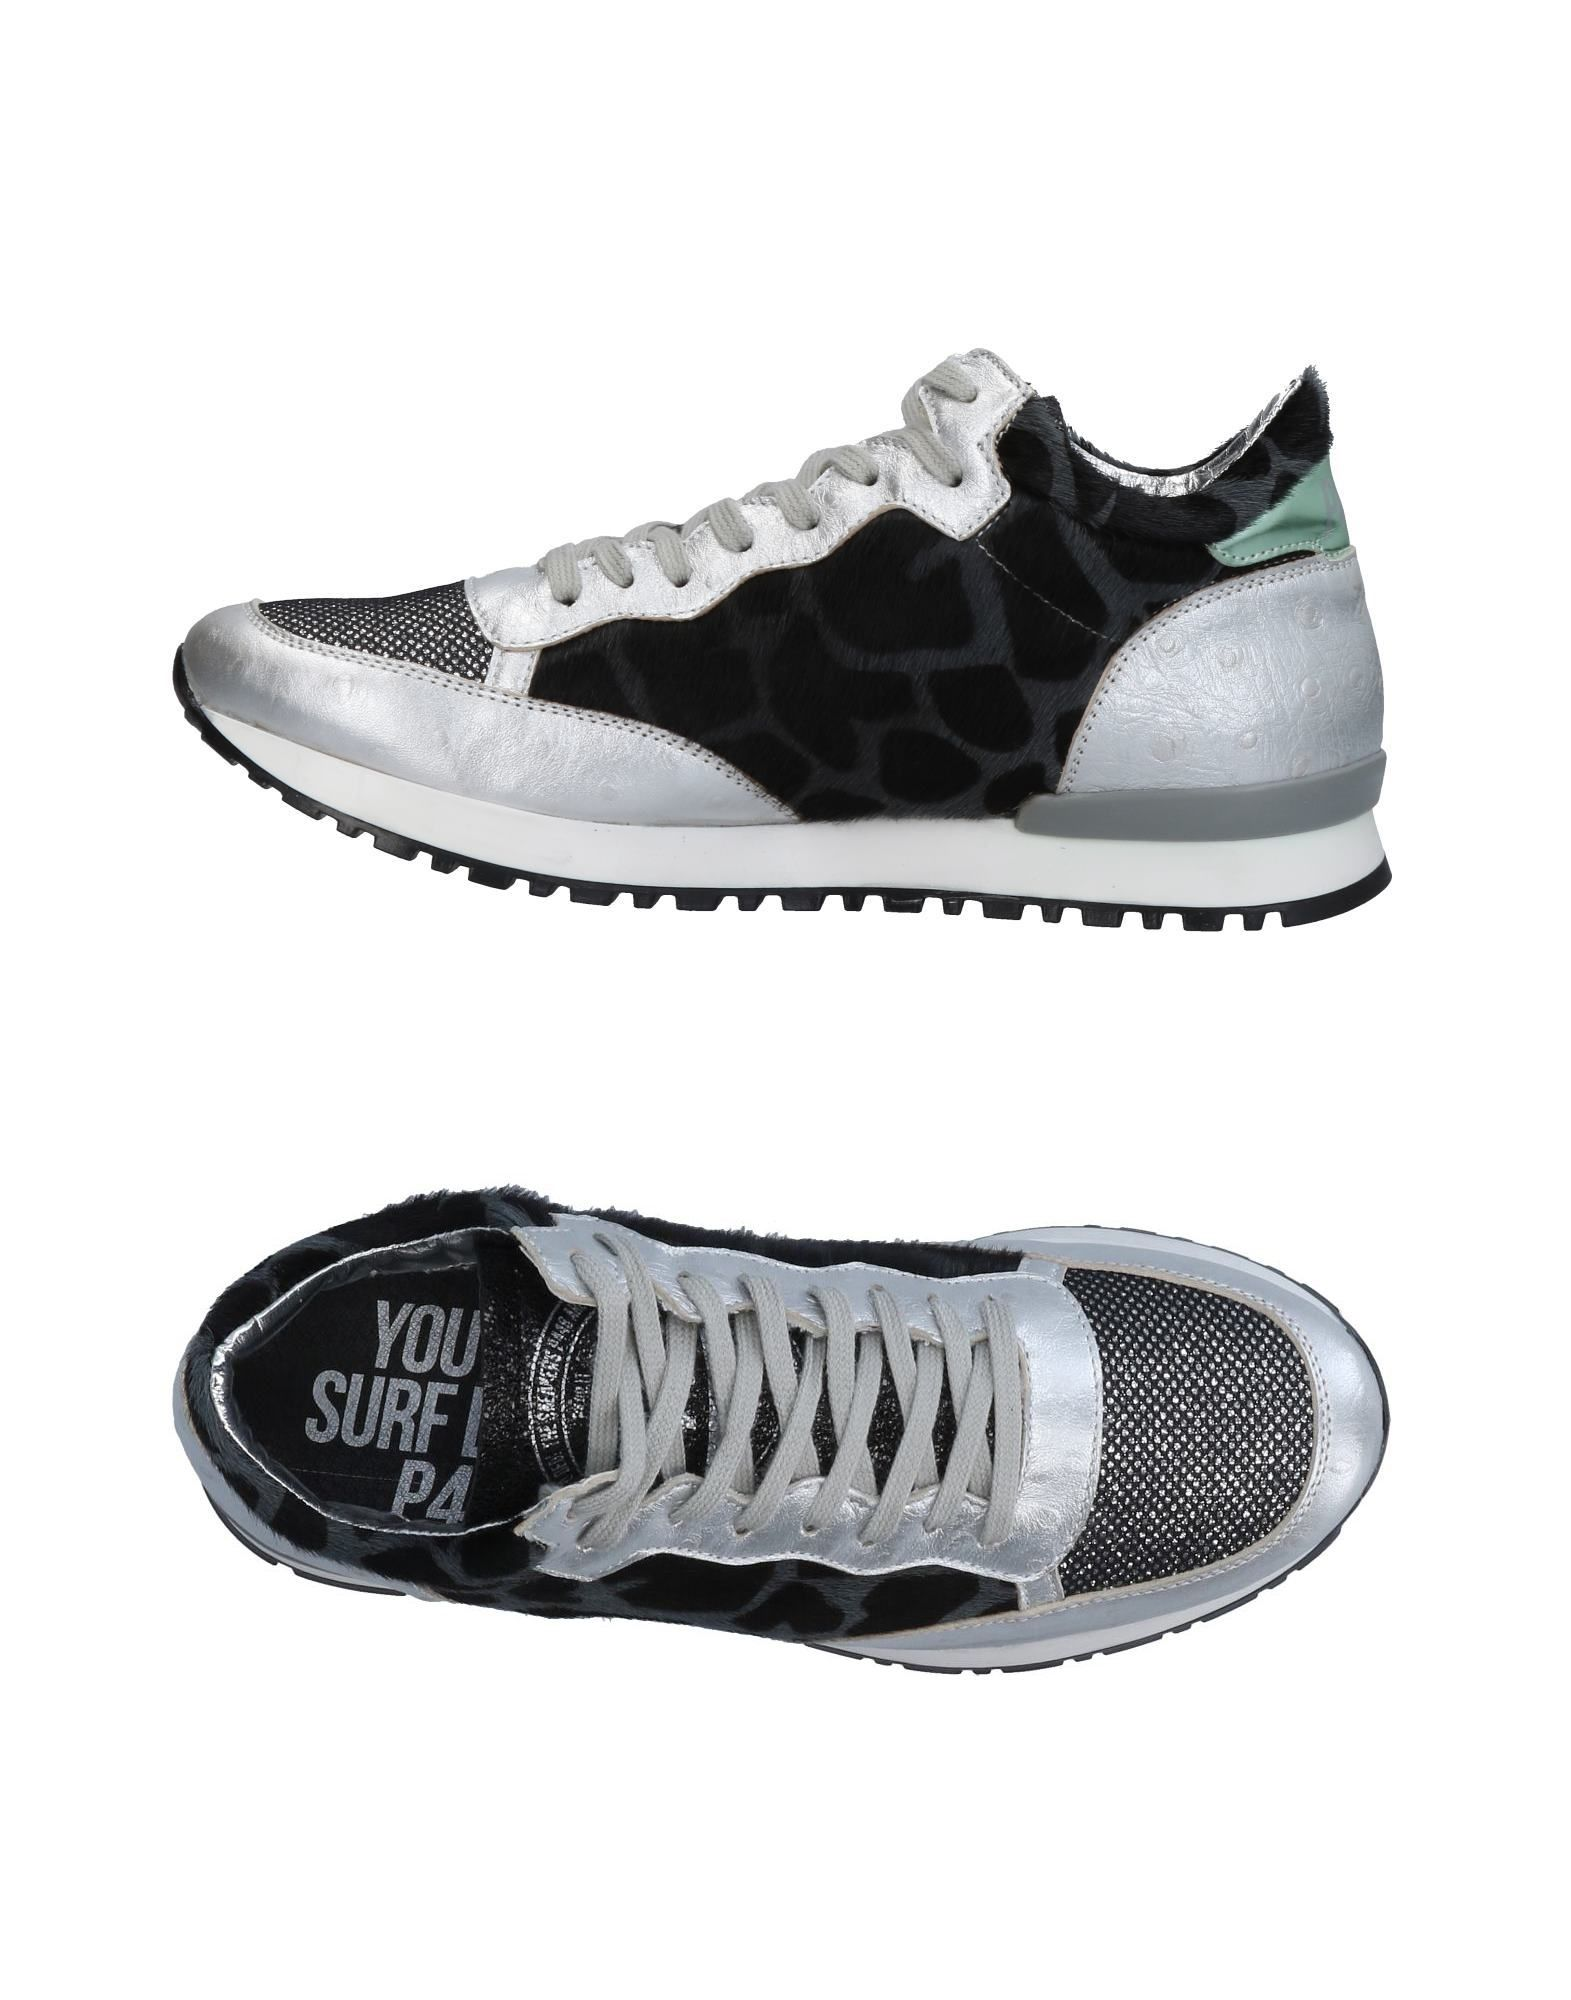 Moda Sneakers P448 Donna 11456790LR - 11456790LR Donna f9e5a2